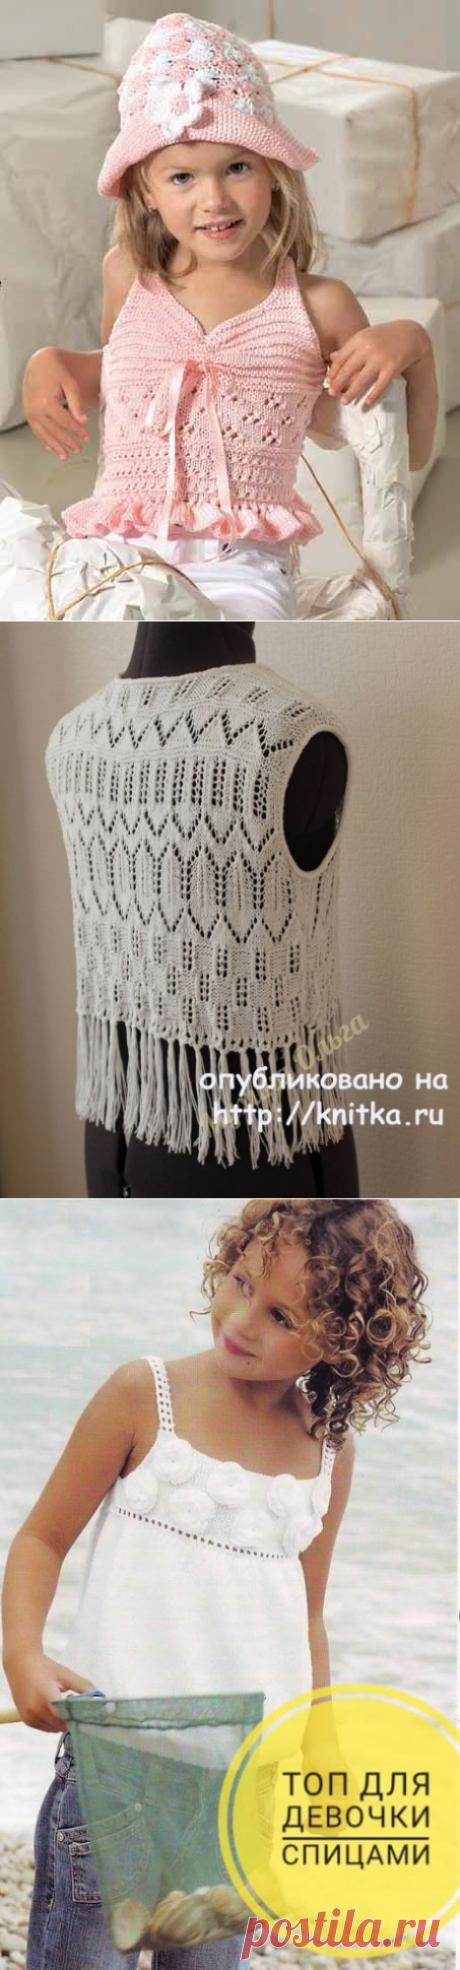 Топ спицами для девочек, подборка из 14 моделей, Вязание для детей